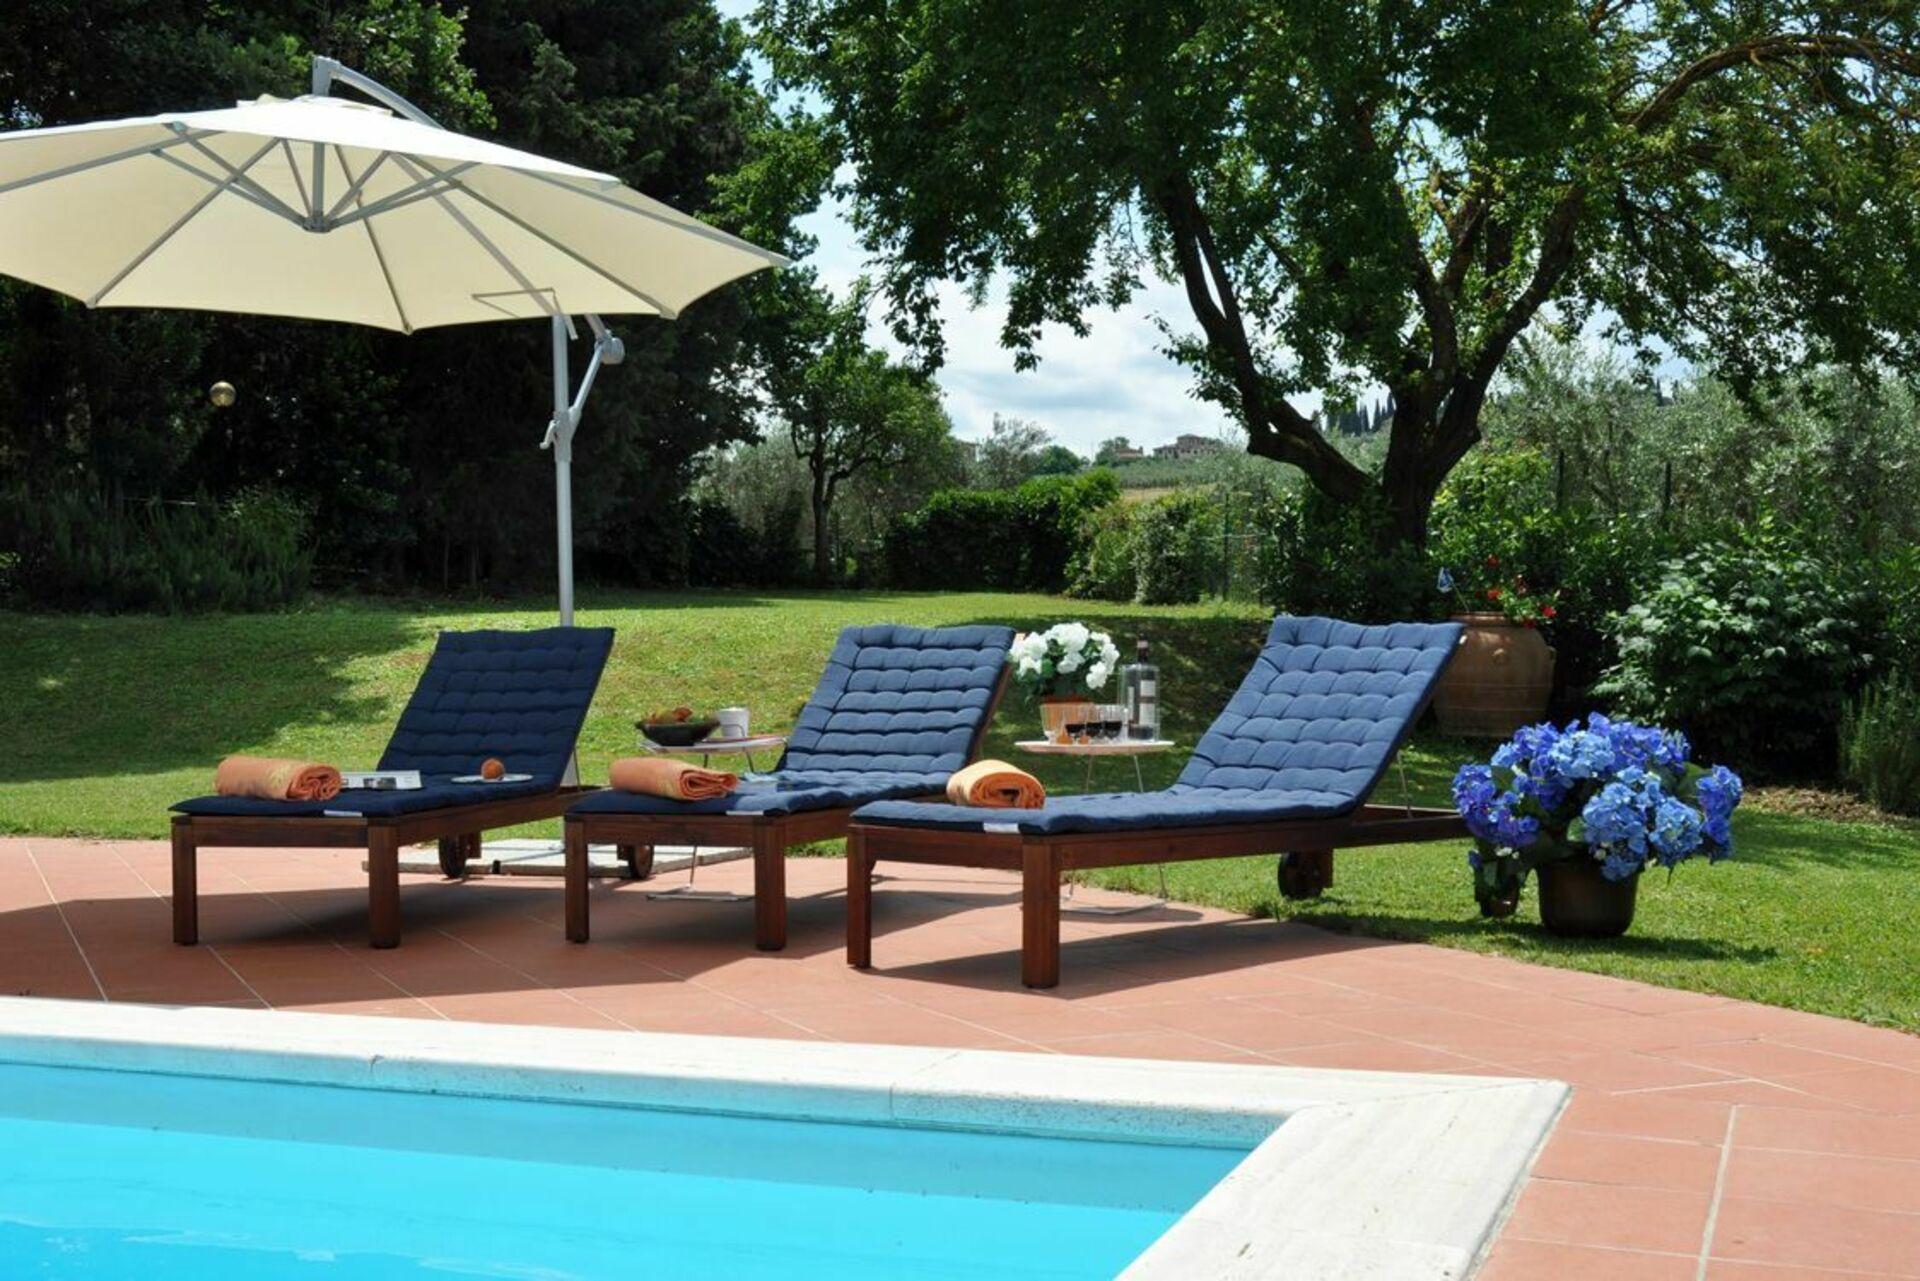 San carlo casa vacanze con 10 posti letto in 5 camere - Piscina san carlo ...